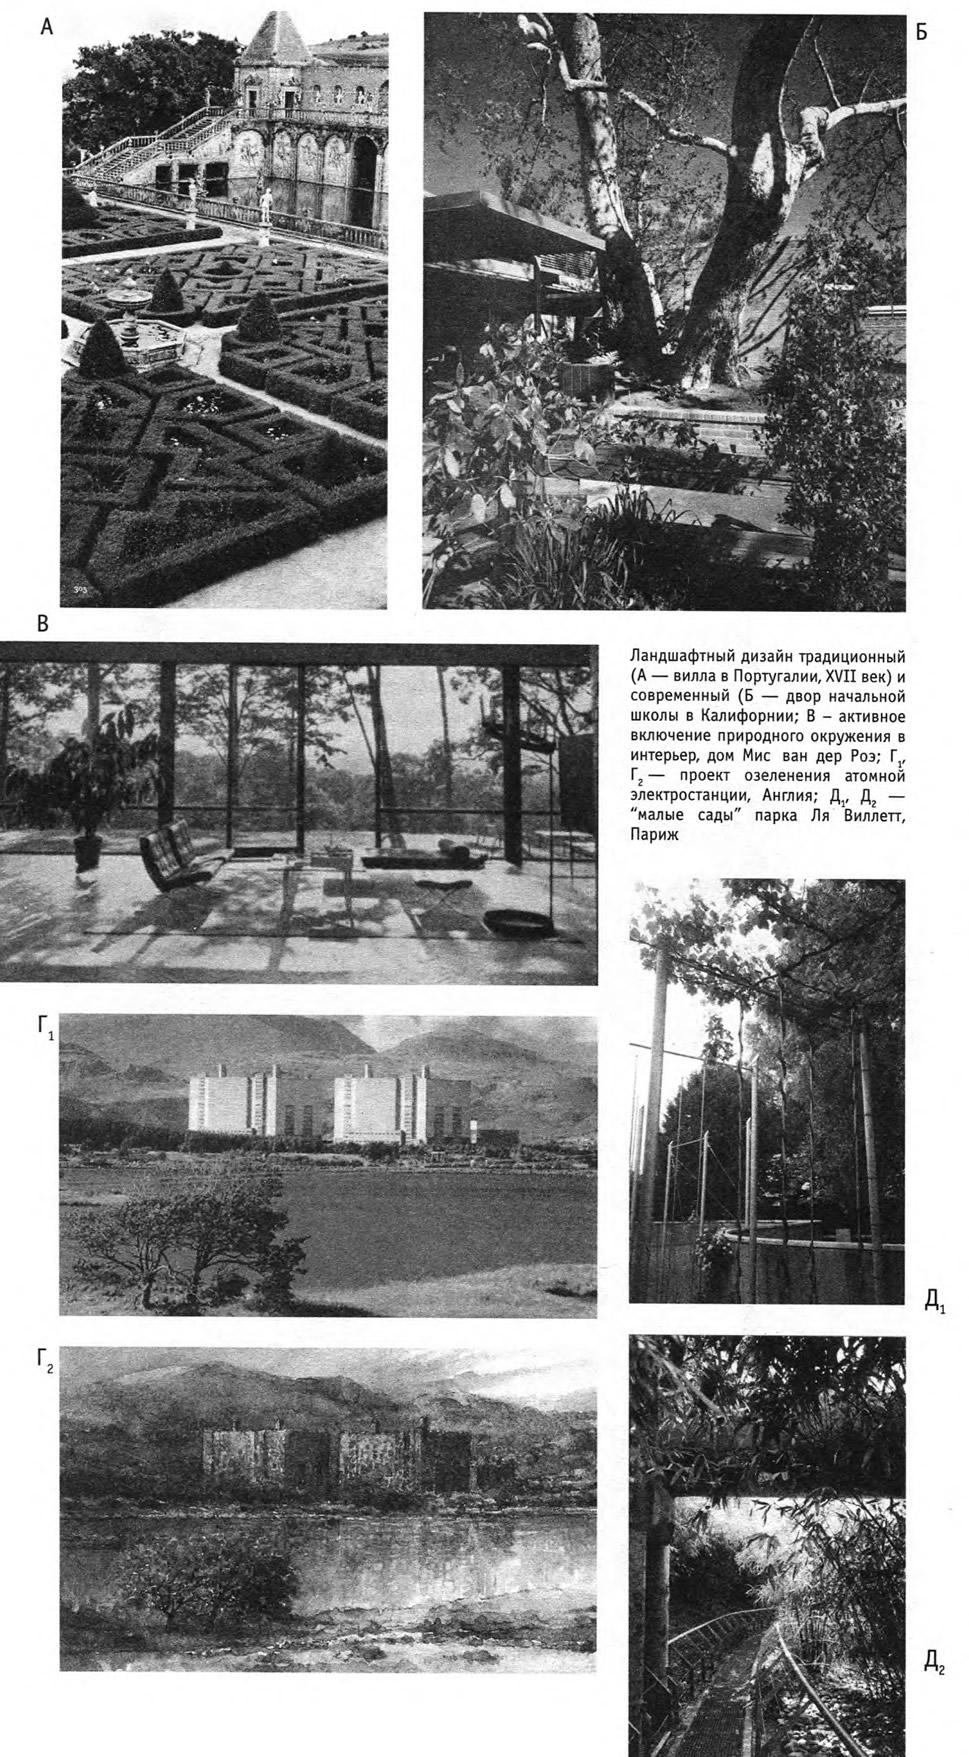 Ландшафтный дизайн традиционный и современный